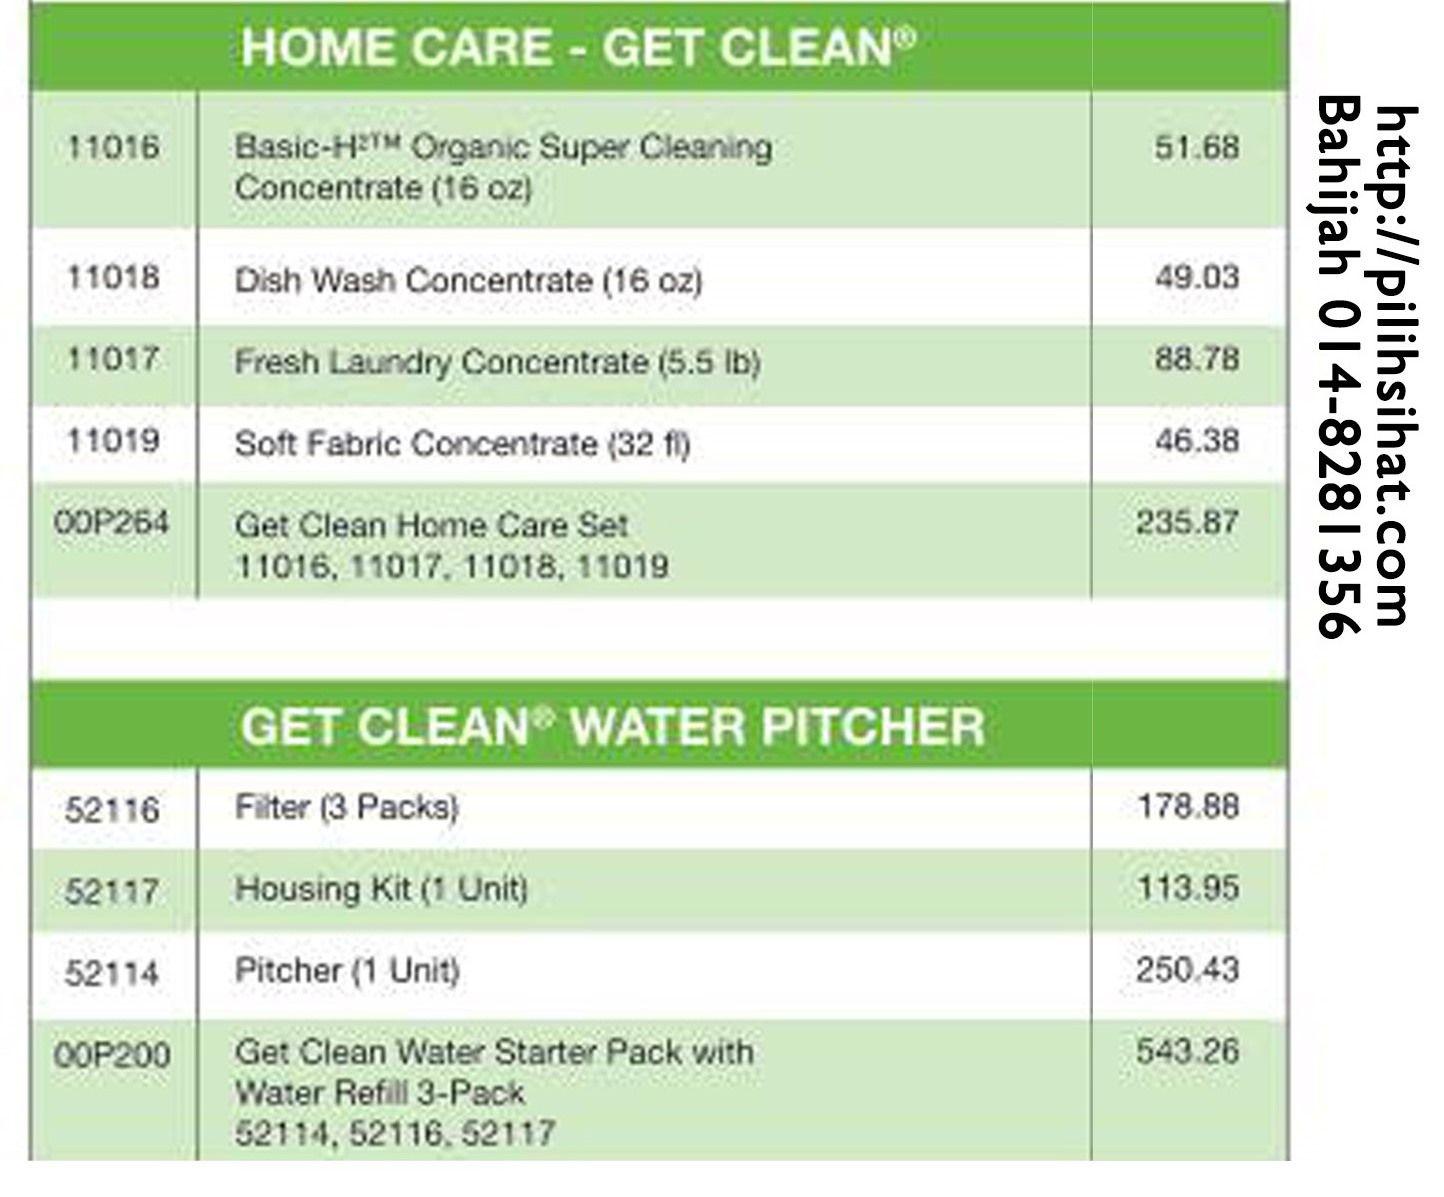 Senarai Harga Produk Shaklee 2017 Kategori Home Care   Antara produk yang tersenarai dalam kategori ini ialah Basic H Organic Super Cleaning, Dish Wash Concentrate, Get Clean Home Care Set, Get Clean Water Pitcher dan sebagainya.